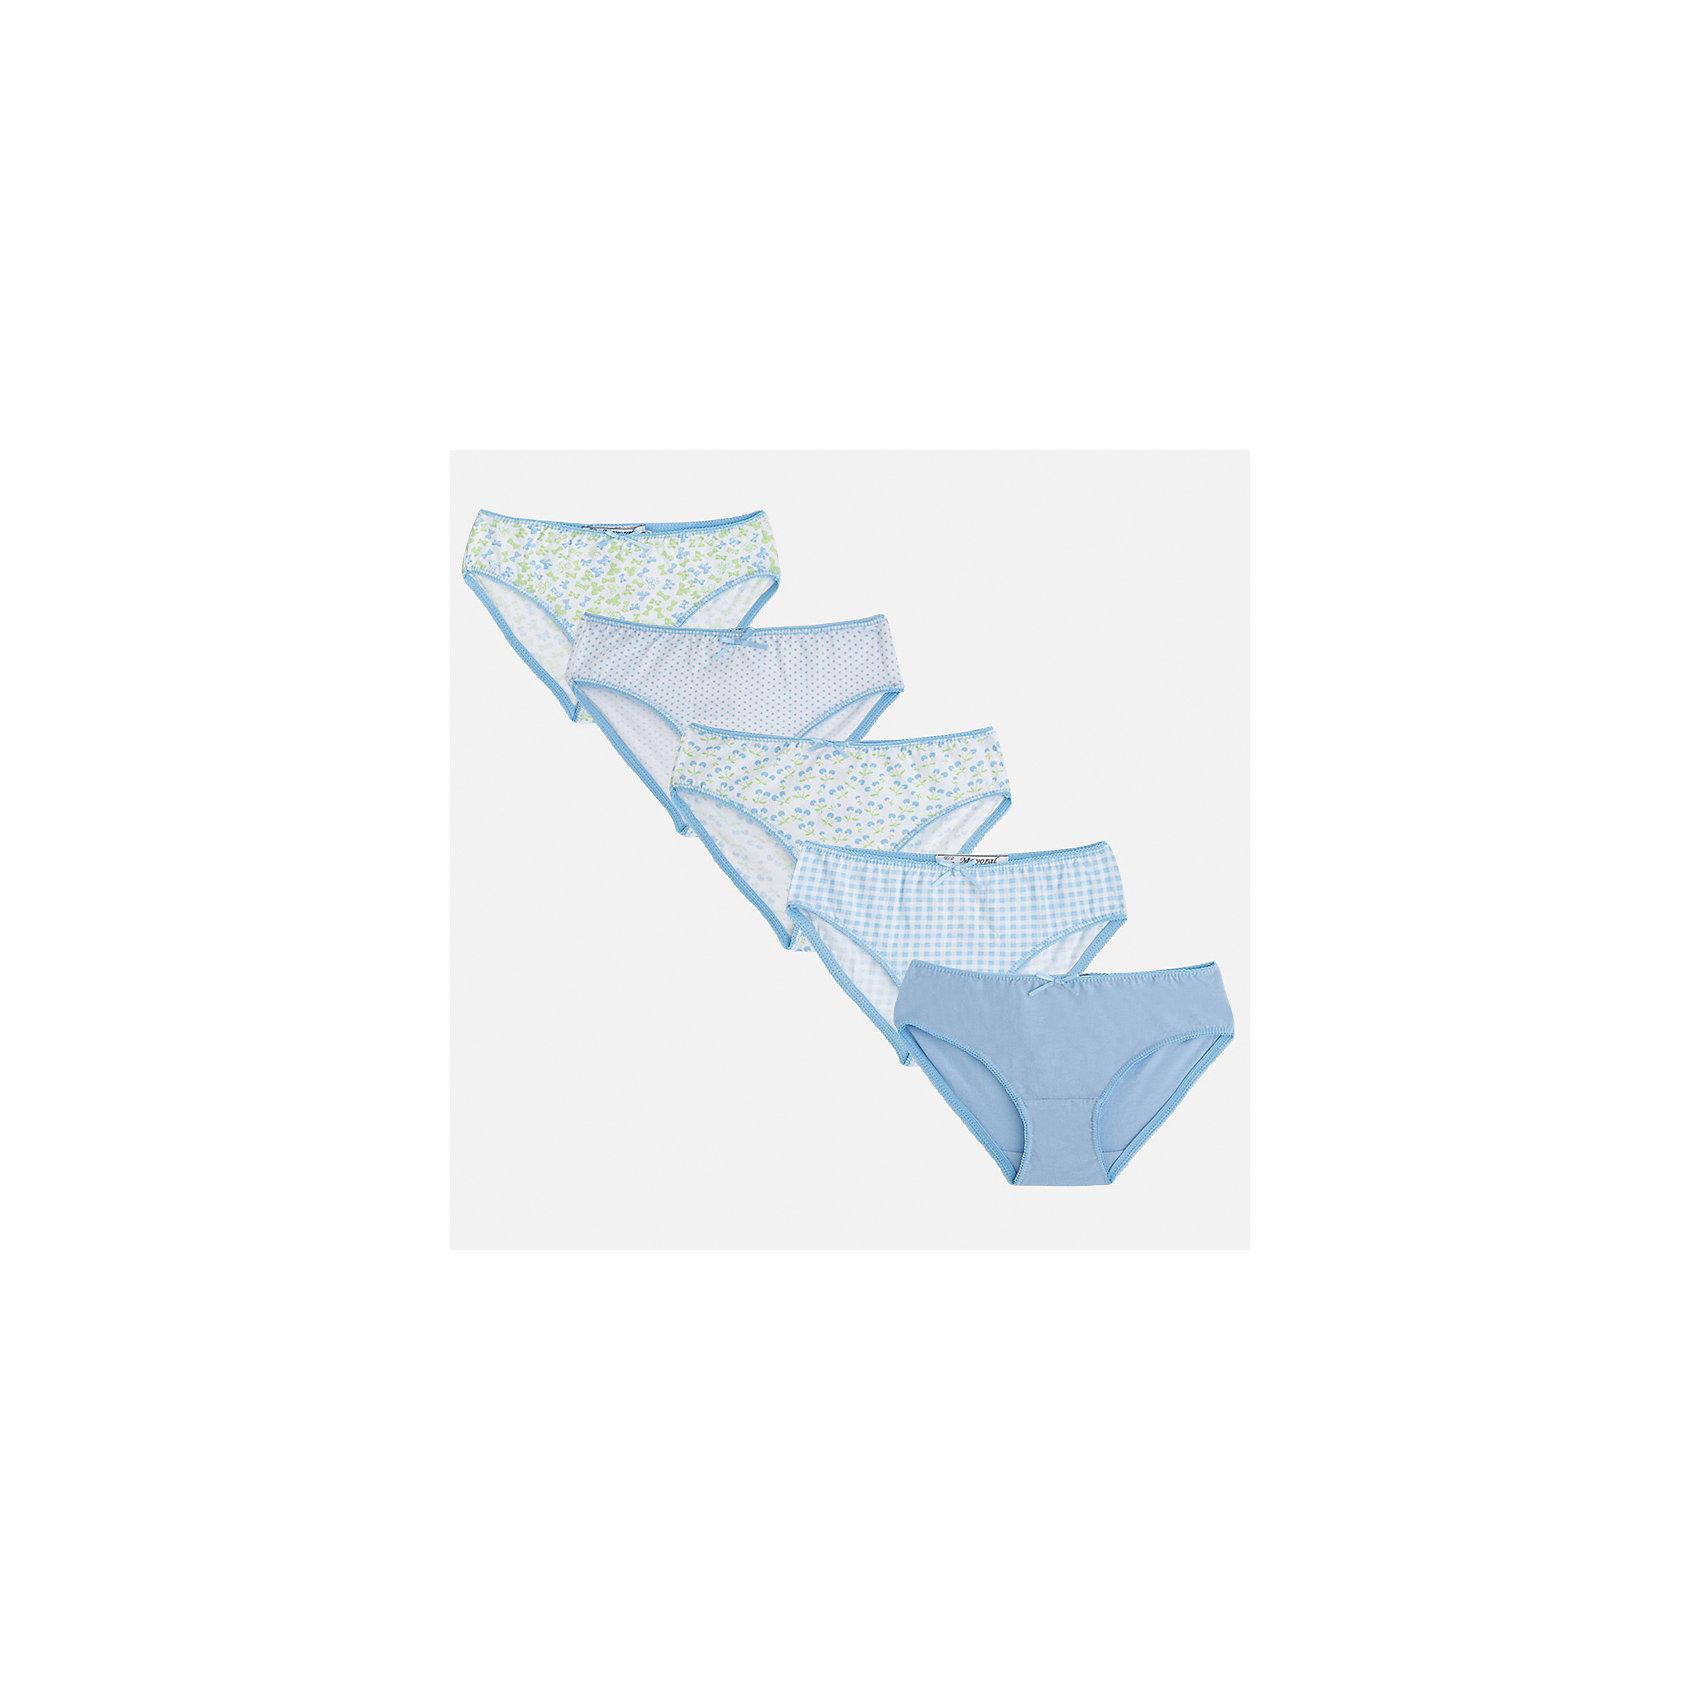 Трусы (5 шт.) для девочки MayoralНижнее бельё<br>Характеристики товара:<br><br>• цвет: белый/голубой<br>• состав: 100% хлопок<br>• комплектация: 5 шт.<br>• мягкая резинка<br>• эластичный материал<br>• декорированы бантом<br>• страна бренда: Испания<br><br>В комплекте - пять предметов различной расцветки. Некоторые декорированы принтом. Трусы сделаны из мягкого материала, поэтому в них ребенку будет очень удобно. В составе материала - только натуральный хлопок, гипоаллергенный, приятный на ощупь, дышащий. <br><br>Трусы (5 шт.) для девочки от испанского бренда Mayoral (Майорал) можно купить в нашем интернет-магазине.<br><br>Ширина мм: 196<br>Глубина мм: 10<br>Высота мм: 154<br>Вес г: 152<br>Цвет: голубой<br>Возраст от месяцев: 60<br>Возраст до месяцев: 72<br>Пол: Женский<br>Возраст: Детский<br>Размер: 116,128/134,140,152,158,92,104<br>SKU: 5293420